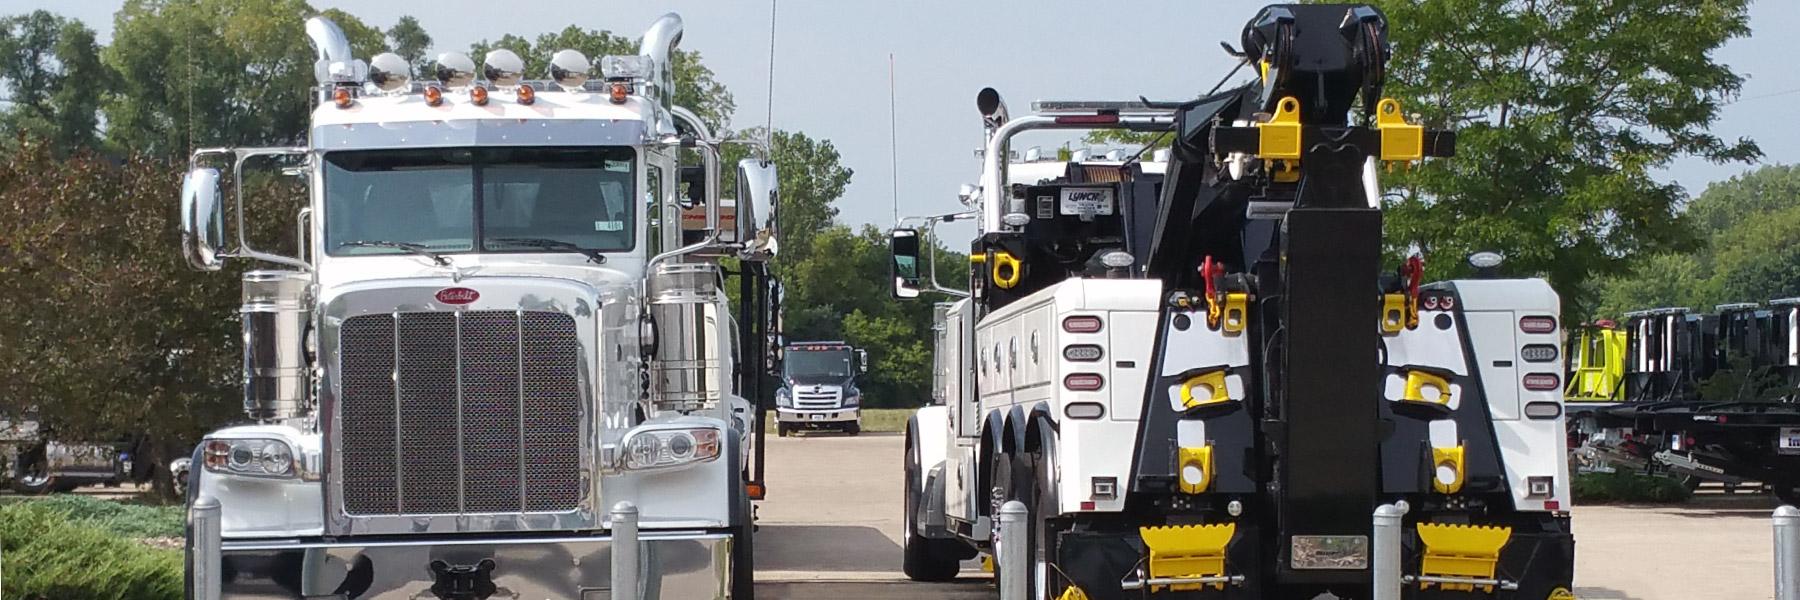 Two Heavy Duty Tow Trucks